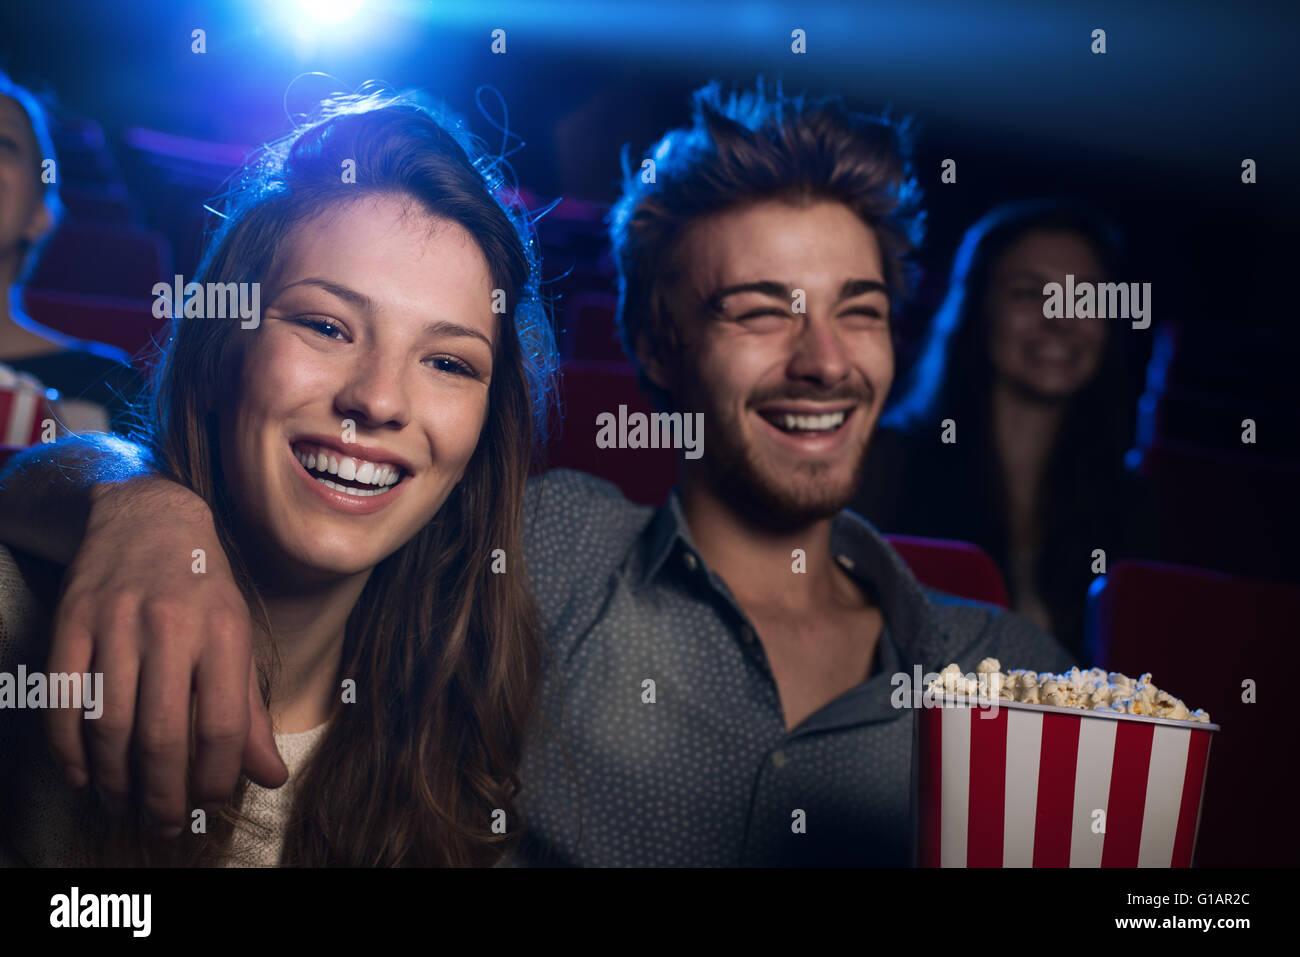 Felice coppia giovane nel cinema a guardare un film e sorridente, di intrattenimento e di stare insieme concetto Immagini Stock